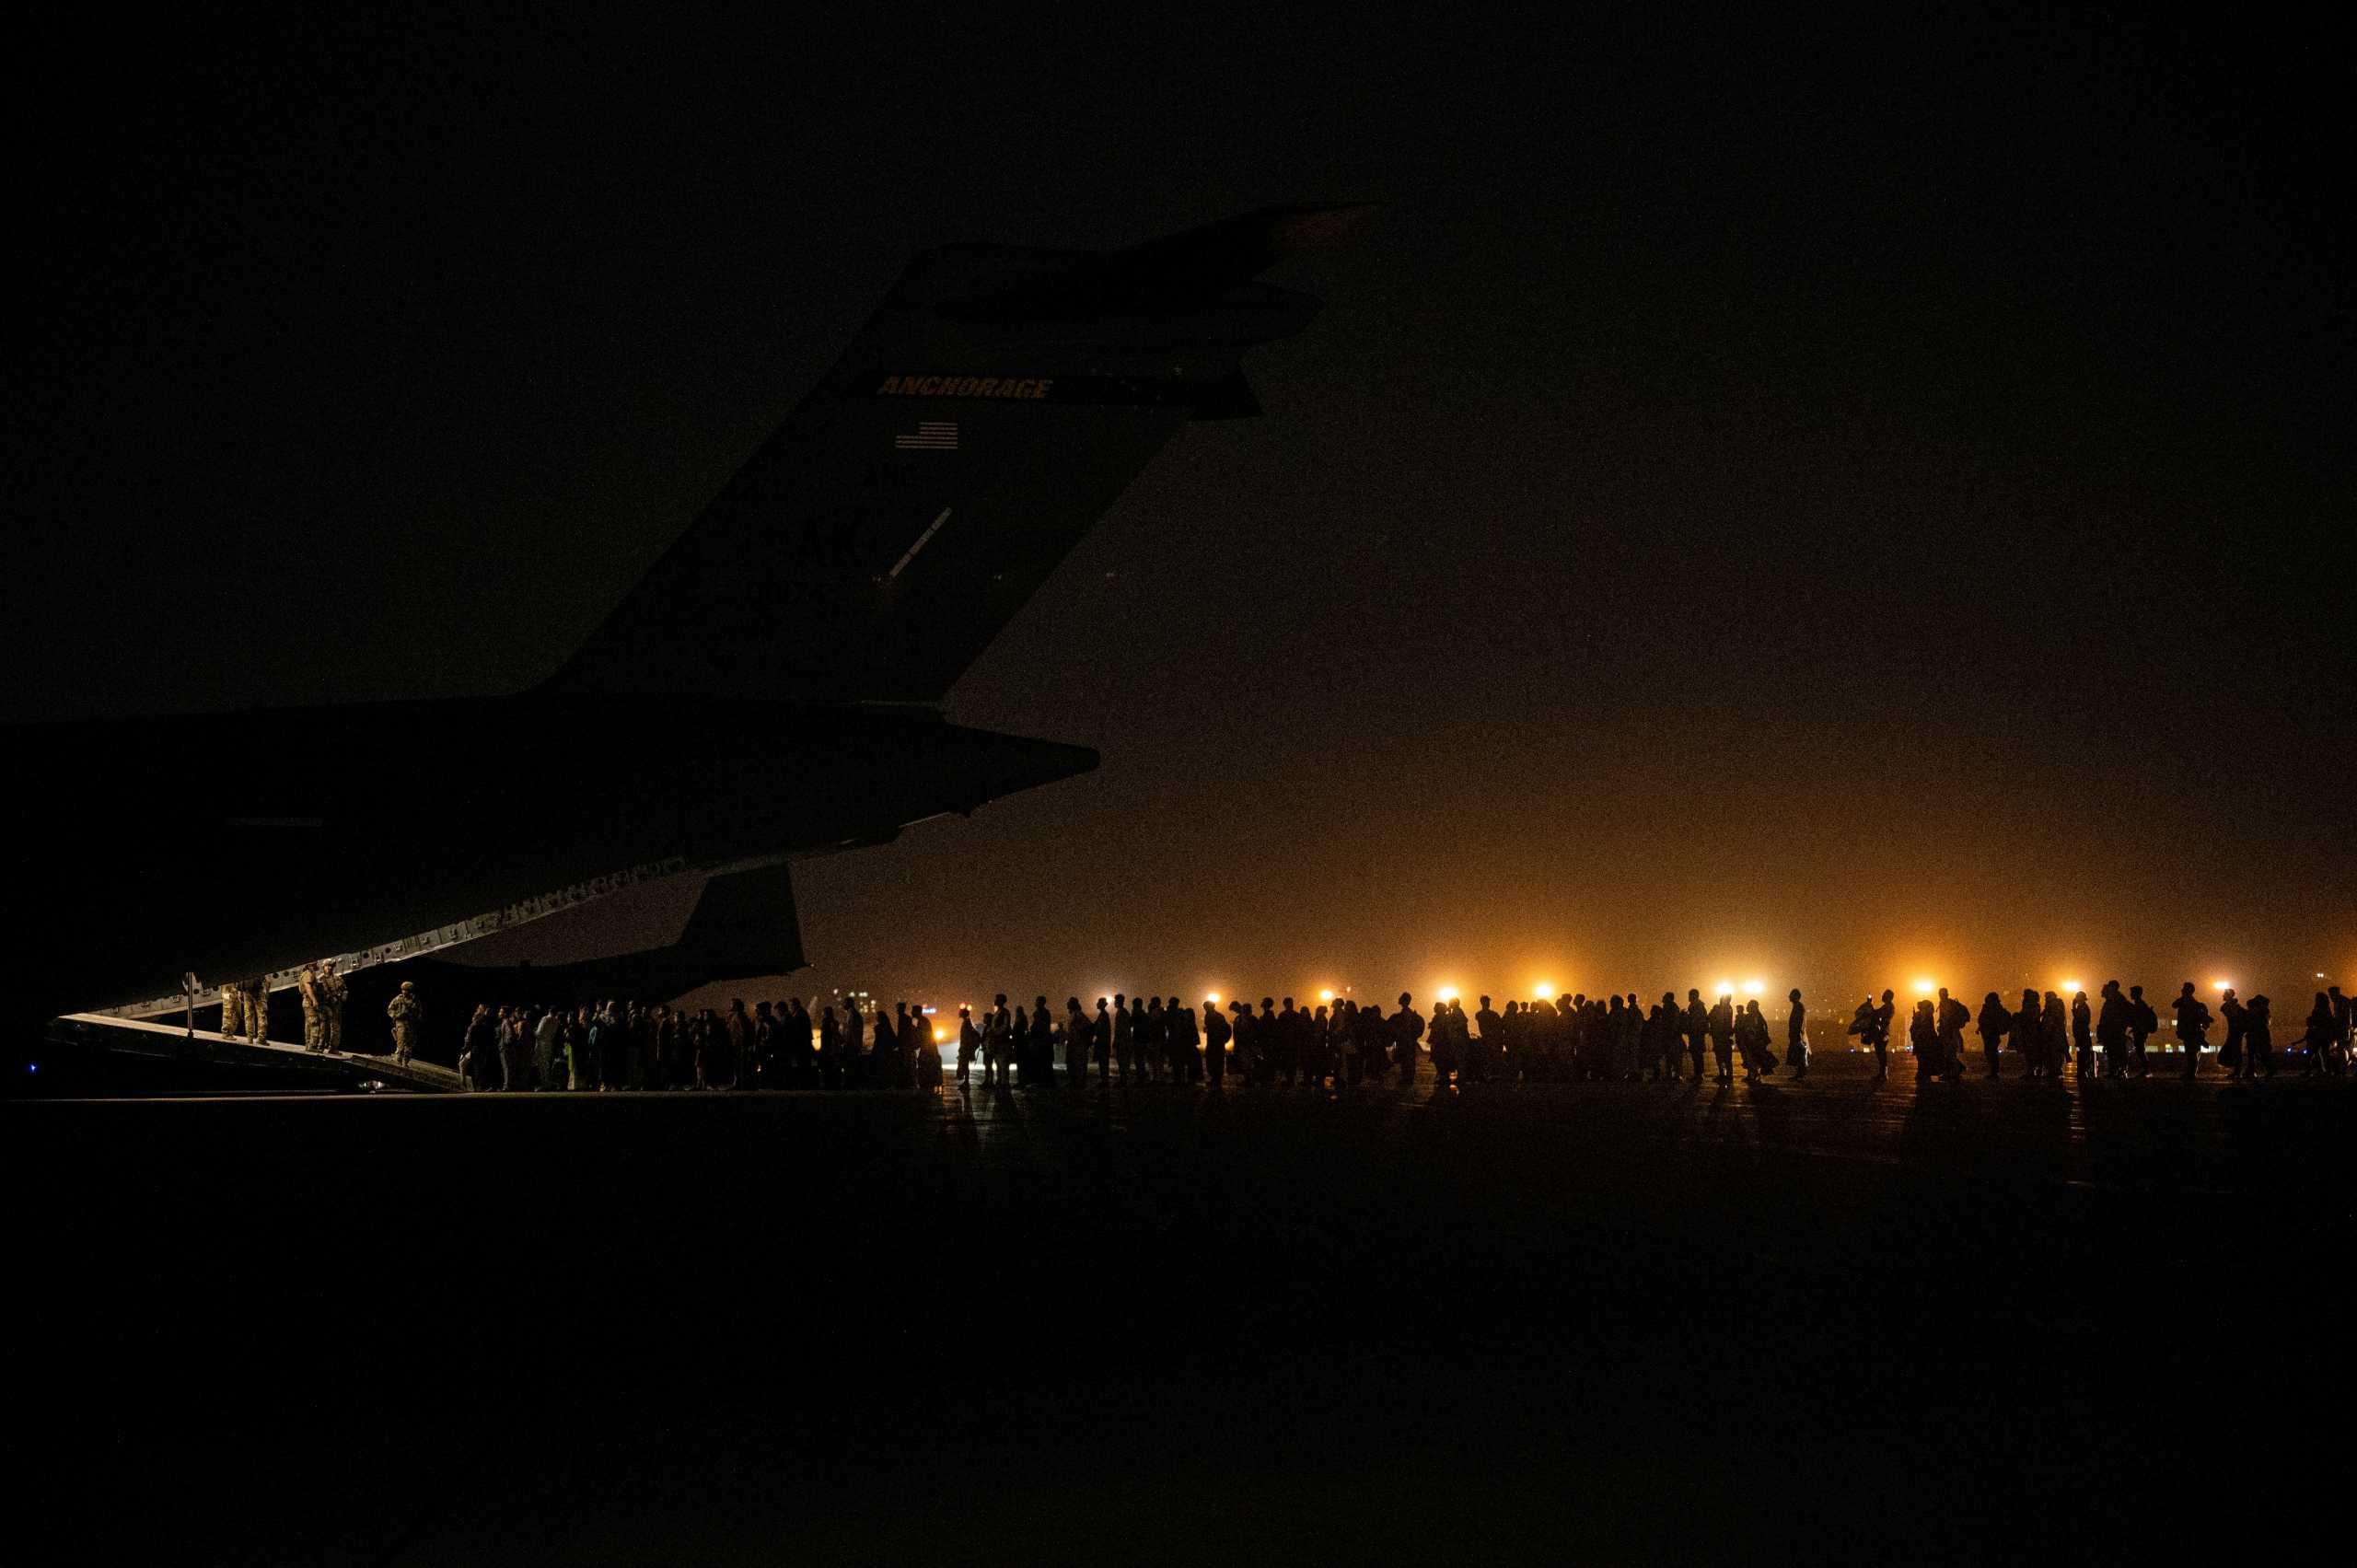 ΗΠΑ: Ανεστάλησαν οι πτήσεις στην Καμπούλ λόγω κορεσμού των αμερικανικών βάσεων στον Κόλπο